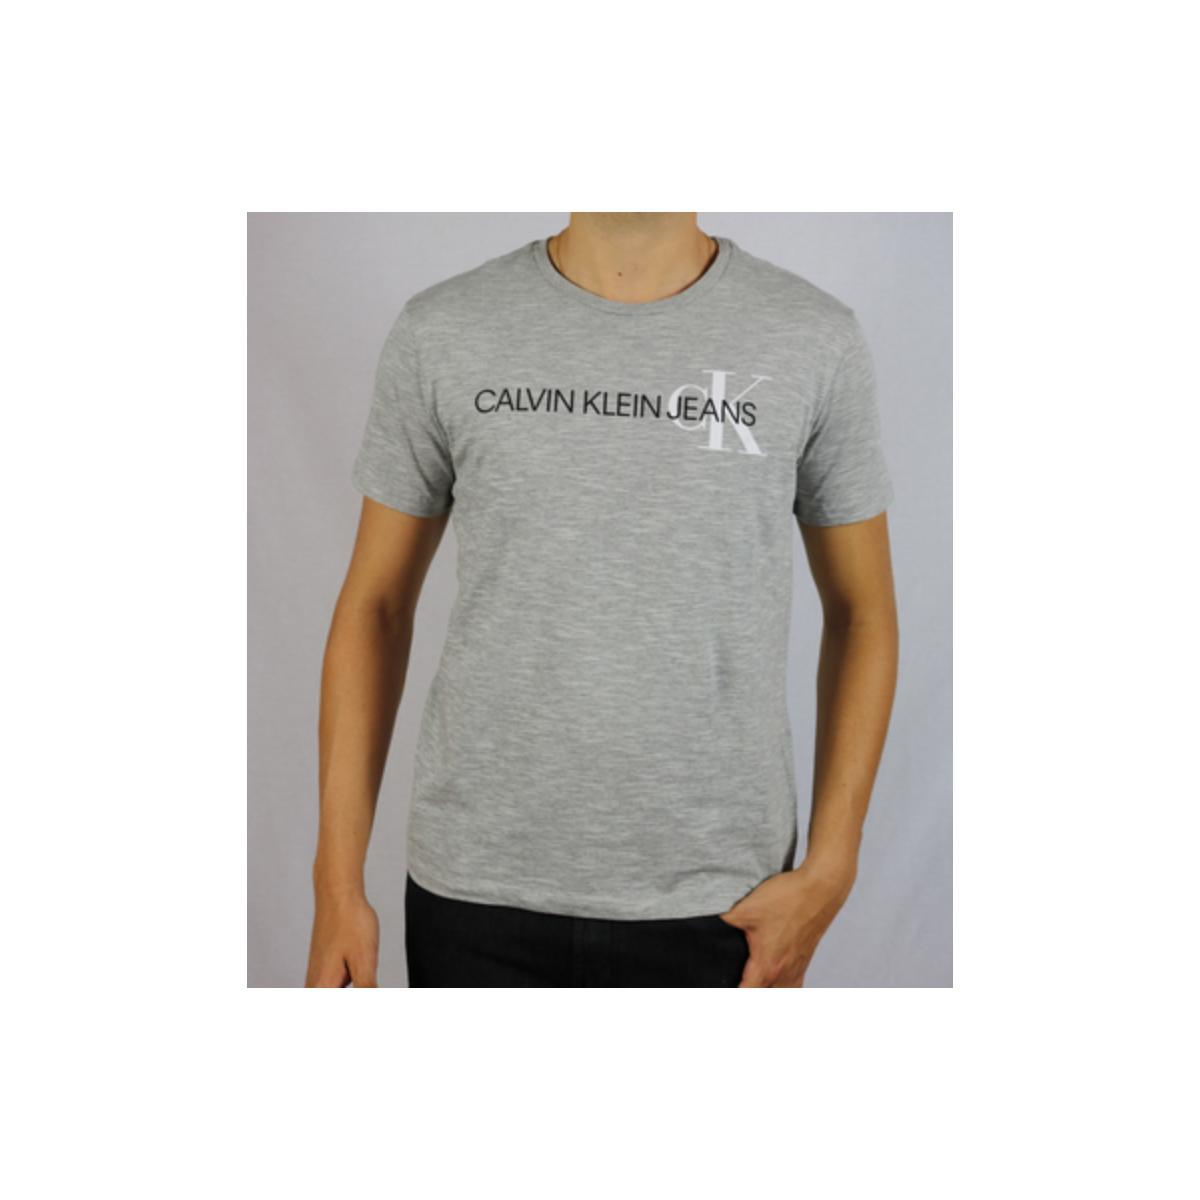 Camiseta Masculina Calvin Klein Cm0oc01tc863 Mescla